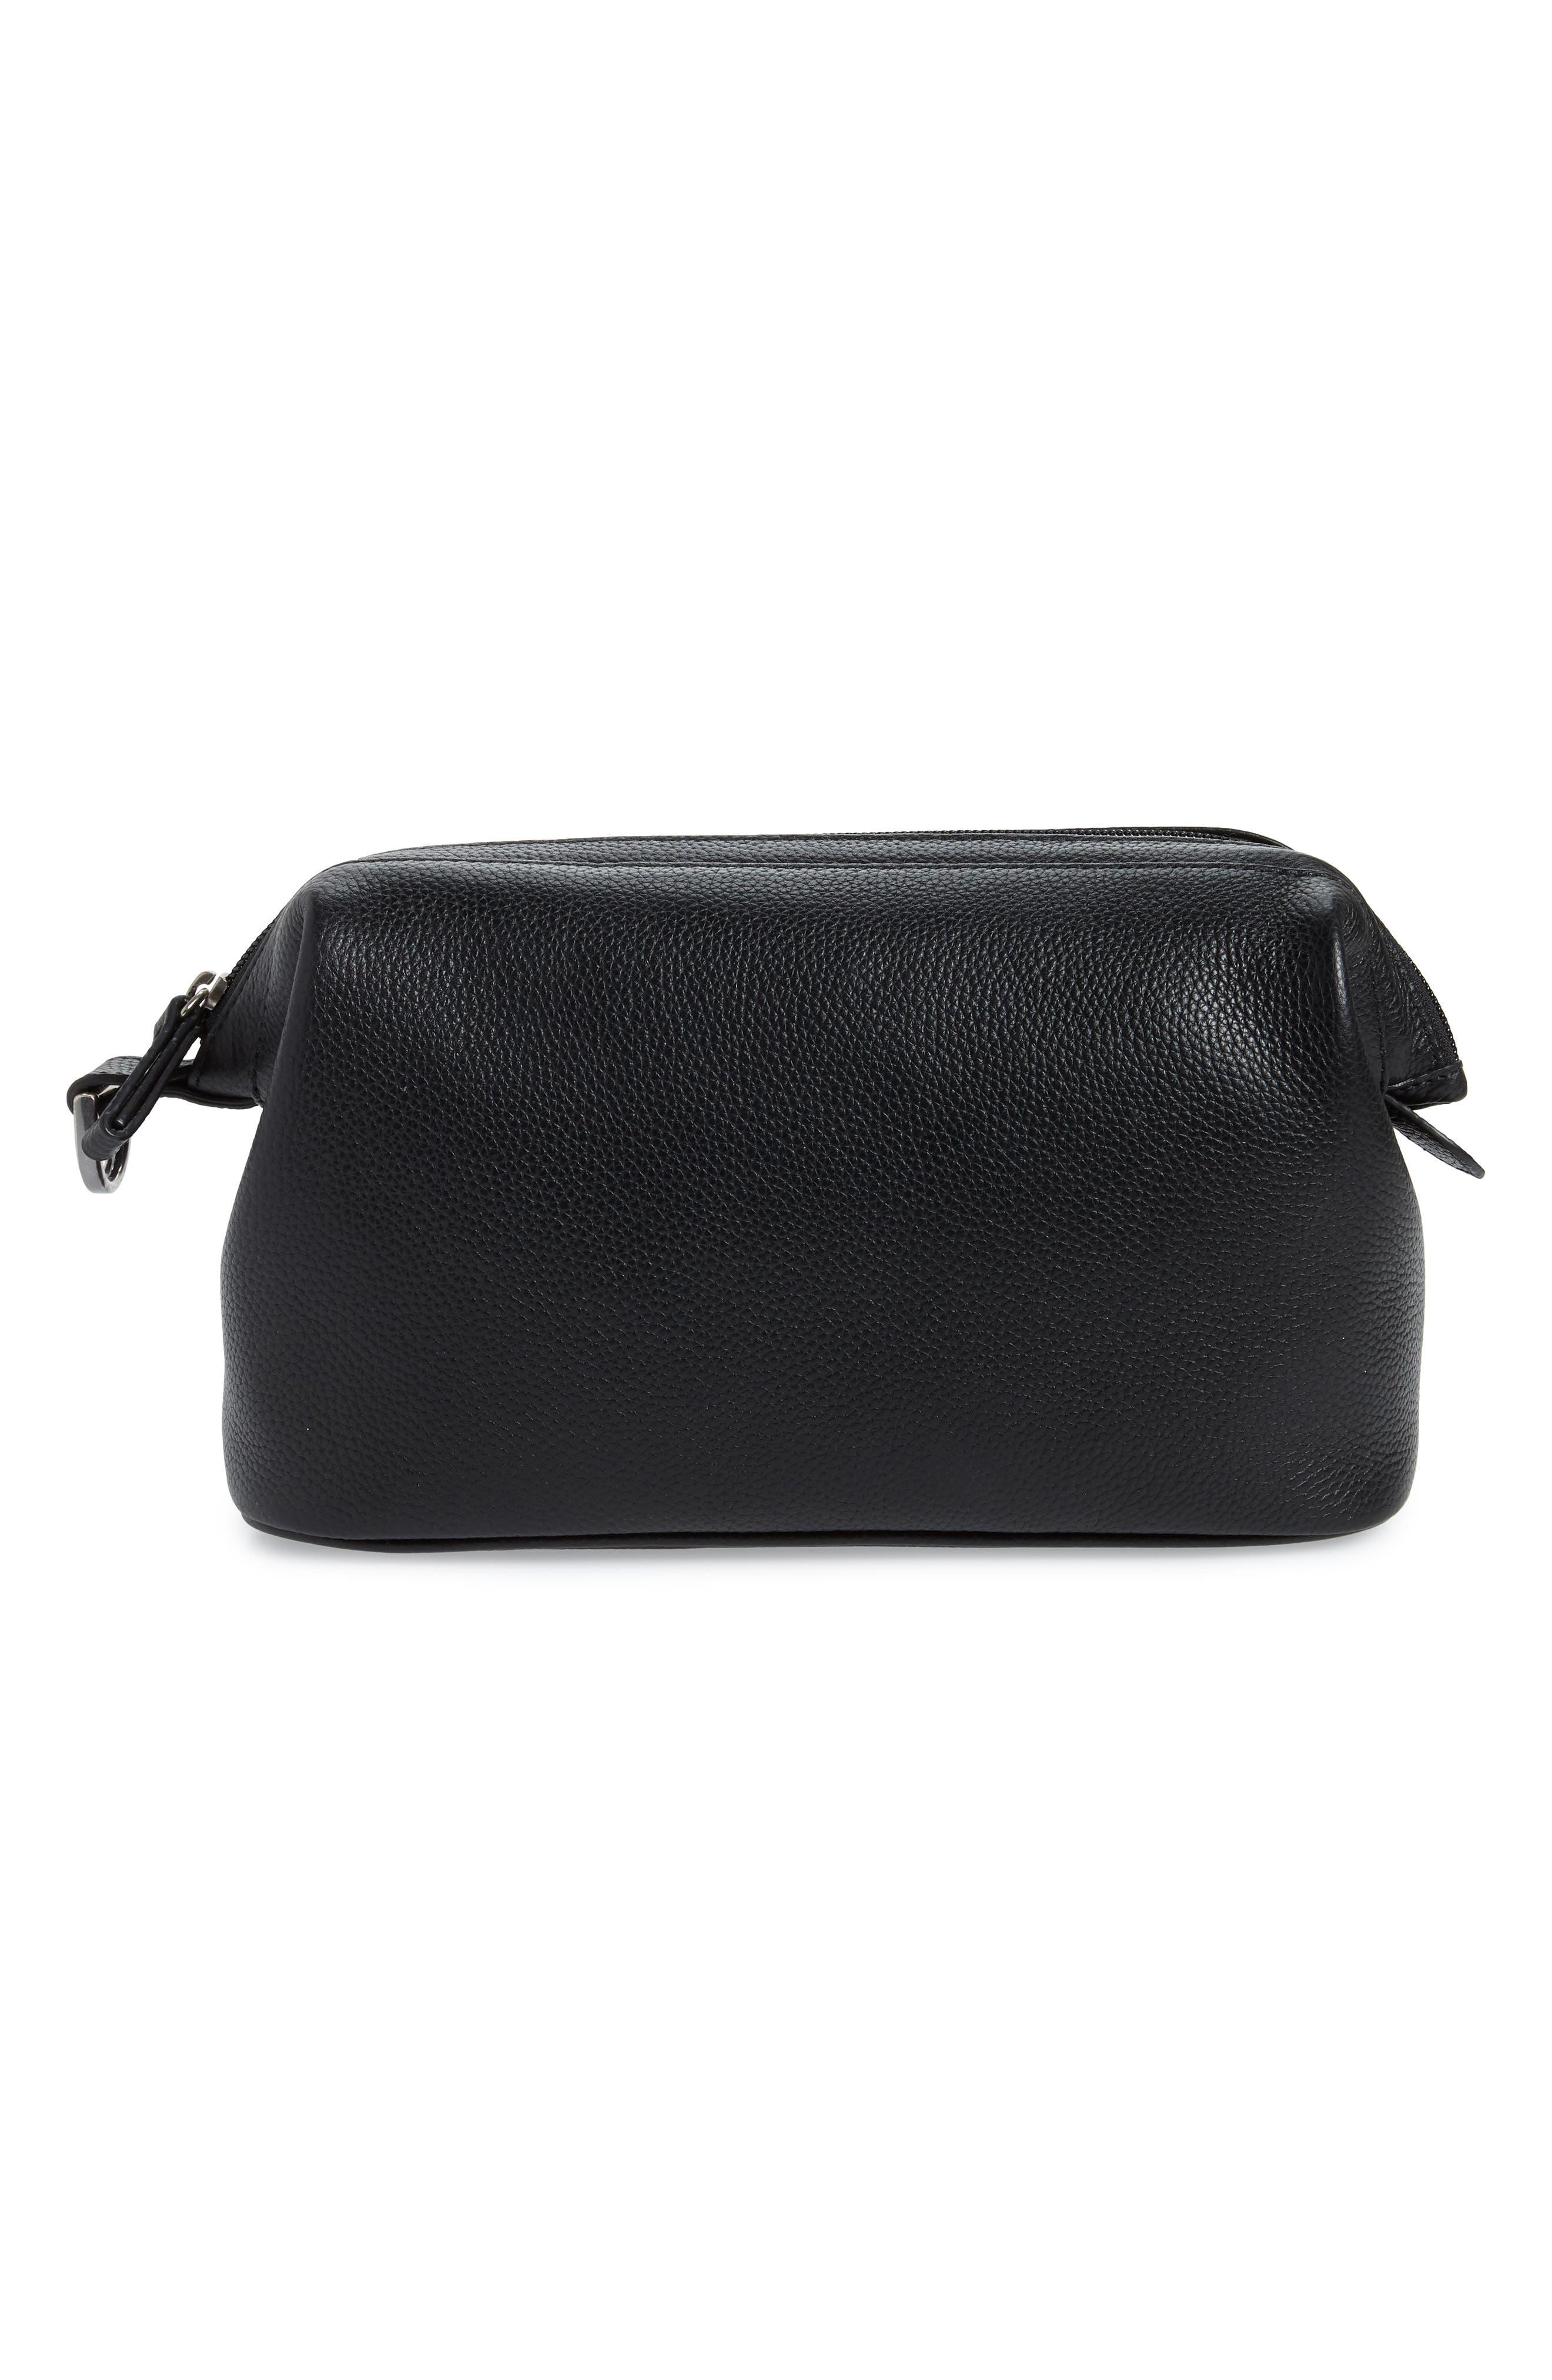 Midland Leather Dopp Kit,                             Main thumbnail 1, color,                             BLACK